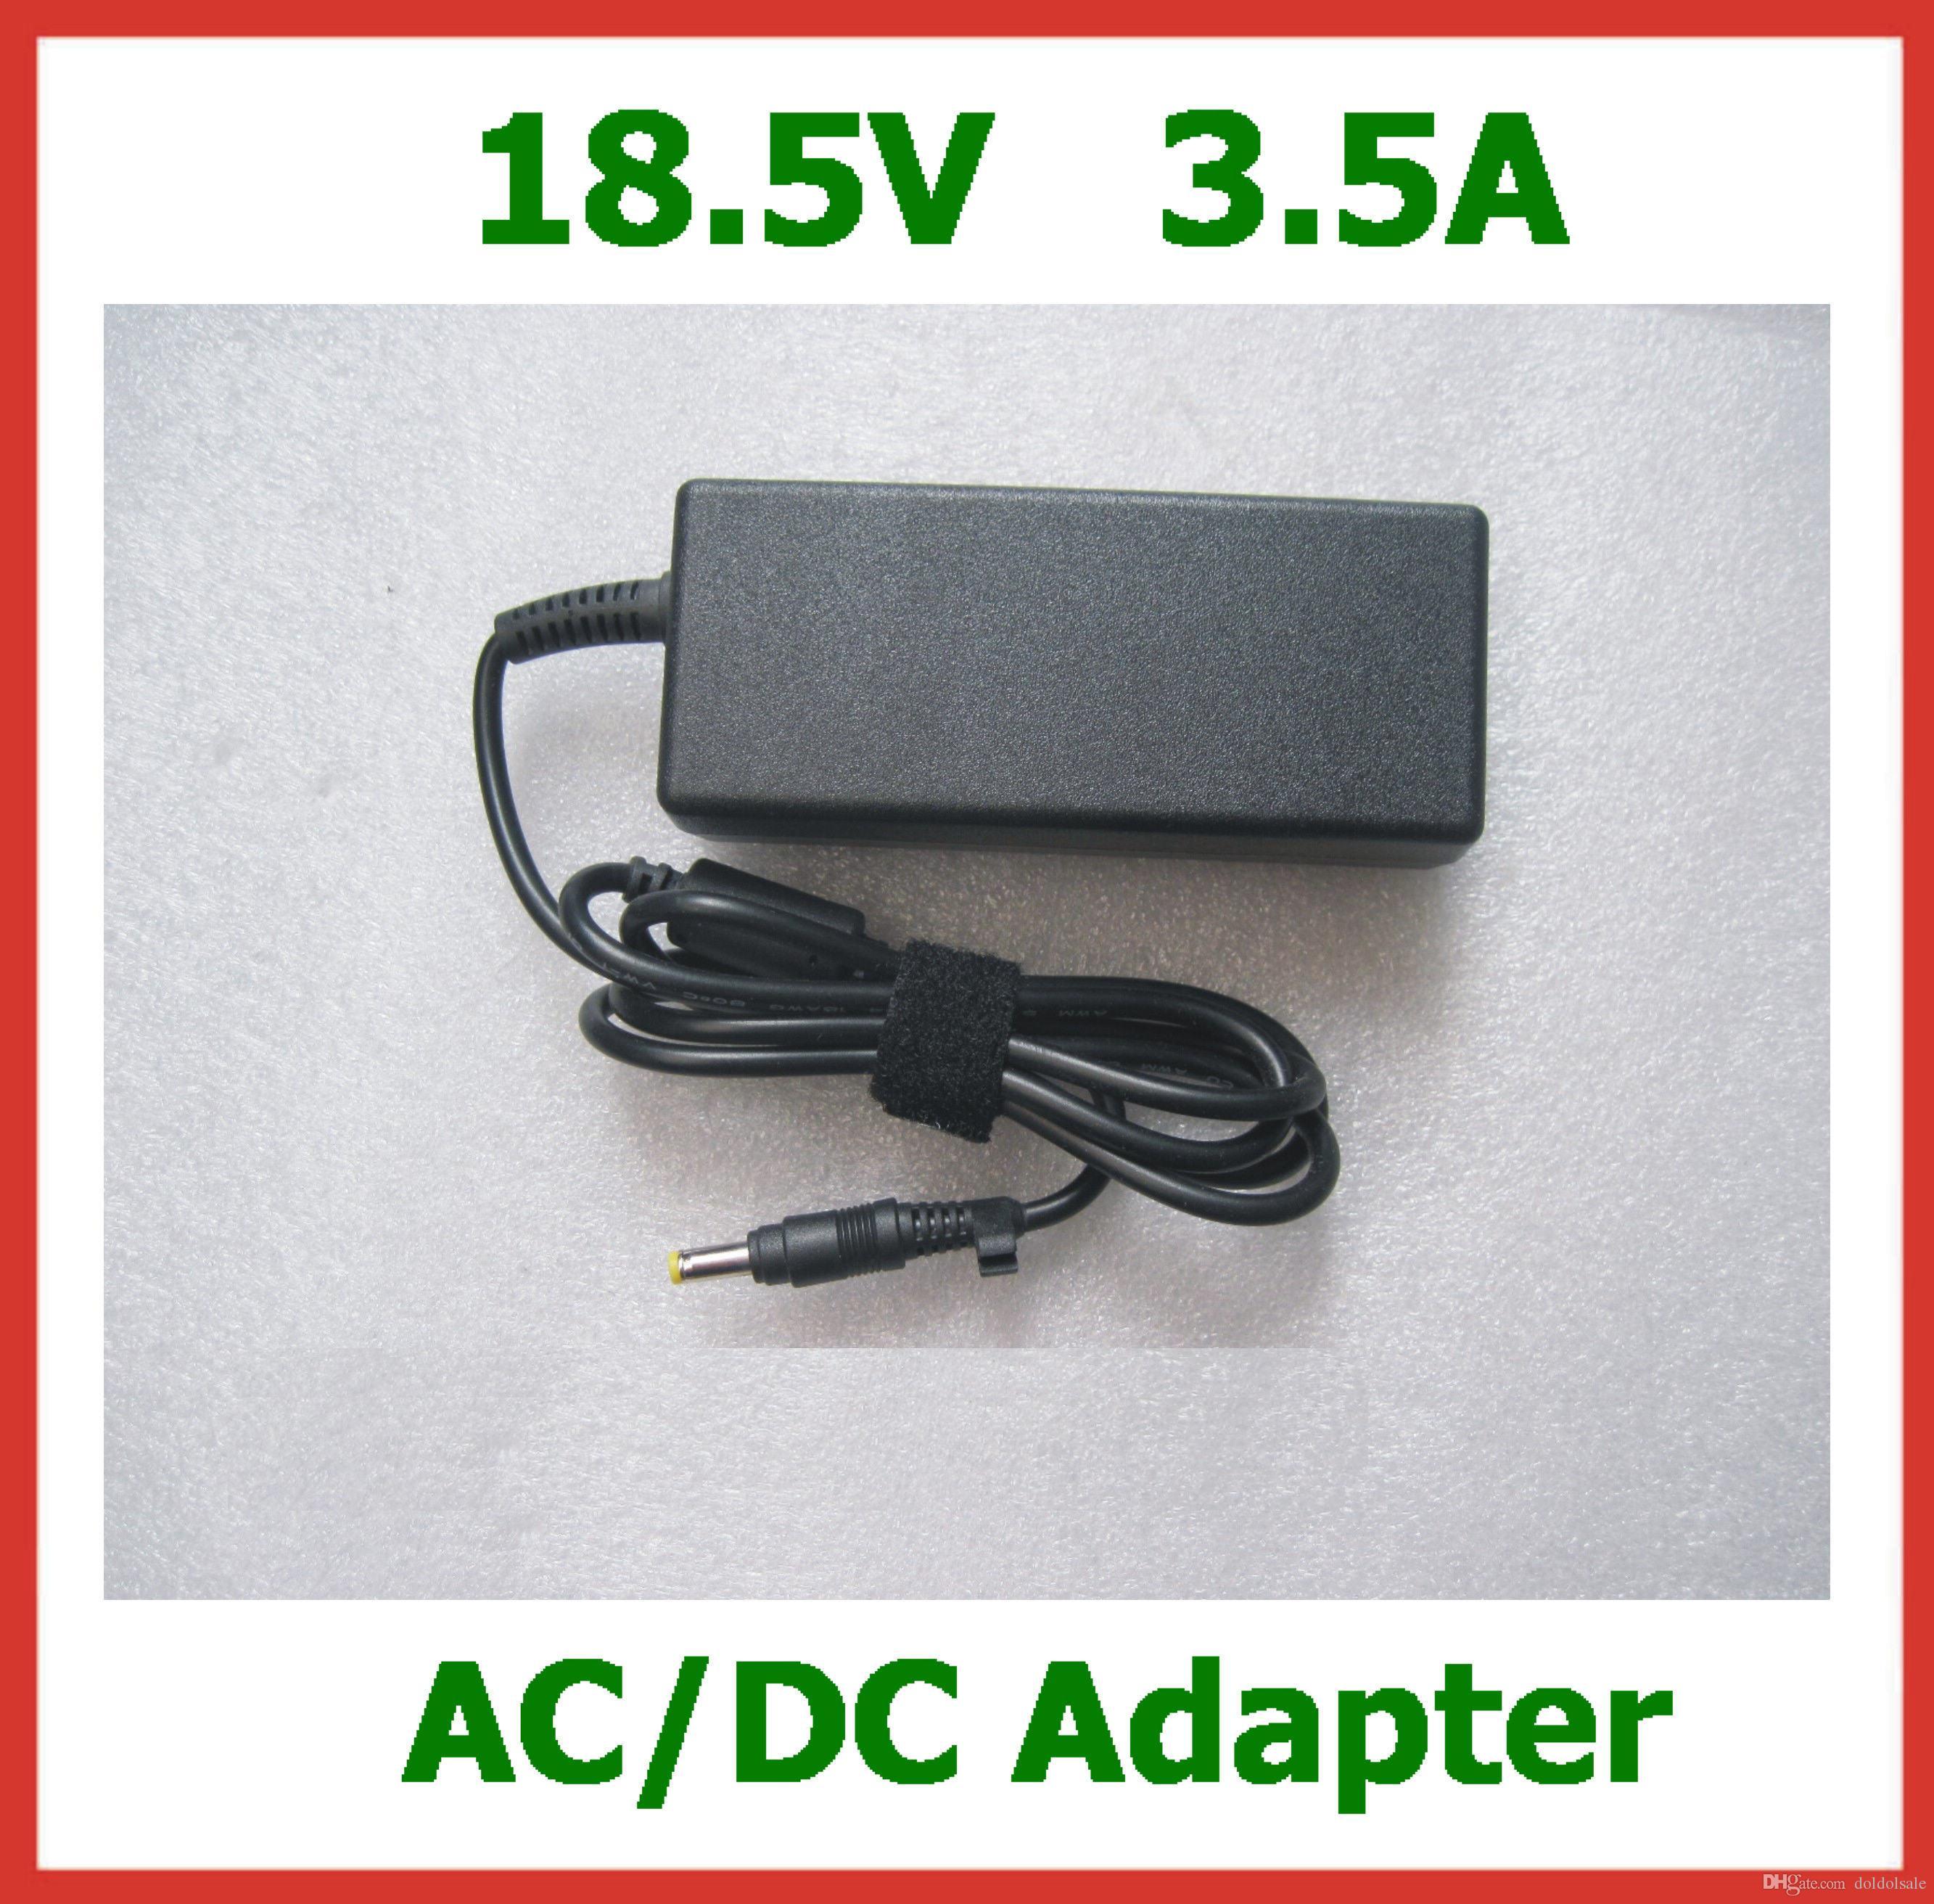 18.5V 3.5A 4.8 * 1.7mm / 4.8x1.7mm 65Wの交換:HP Compaq 6720 550 510 520 530 540 550 620 625 G3000ラップトップAC充電器電源アダプタ